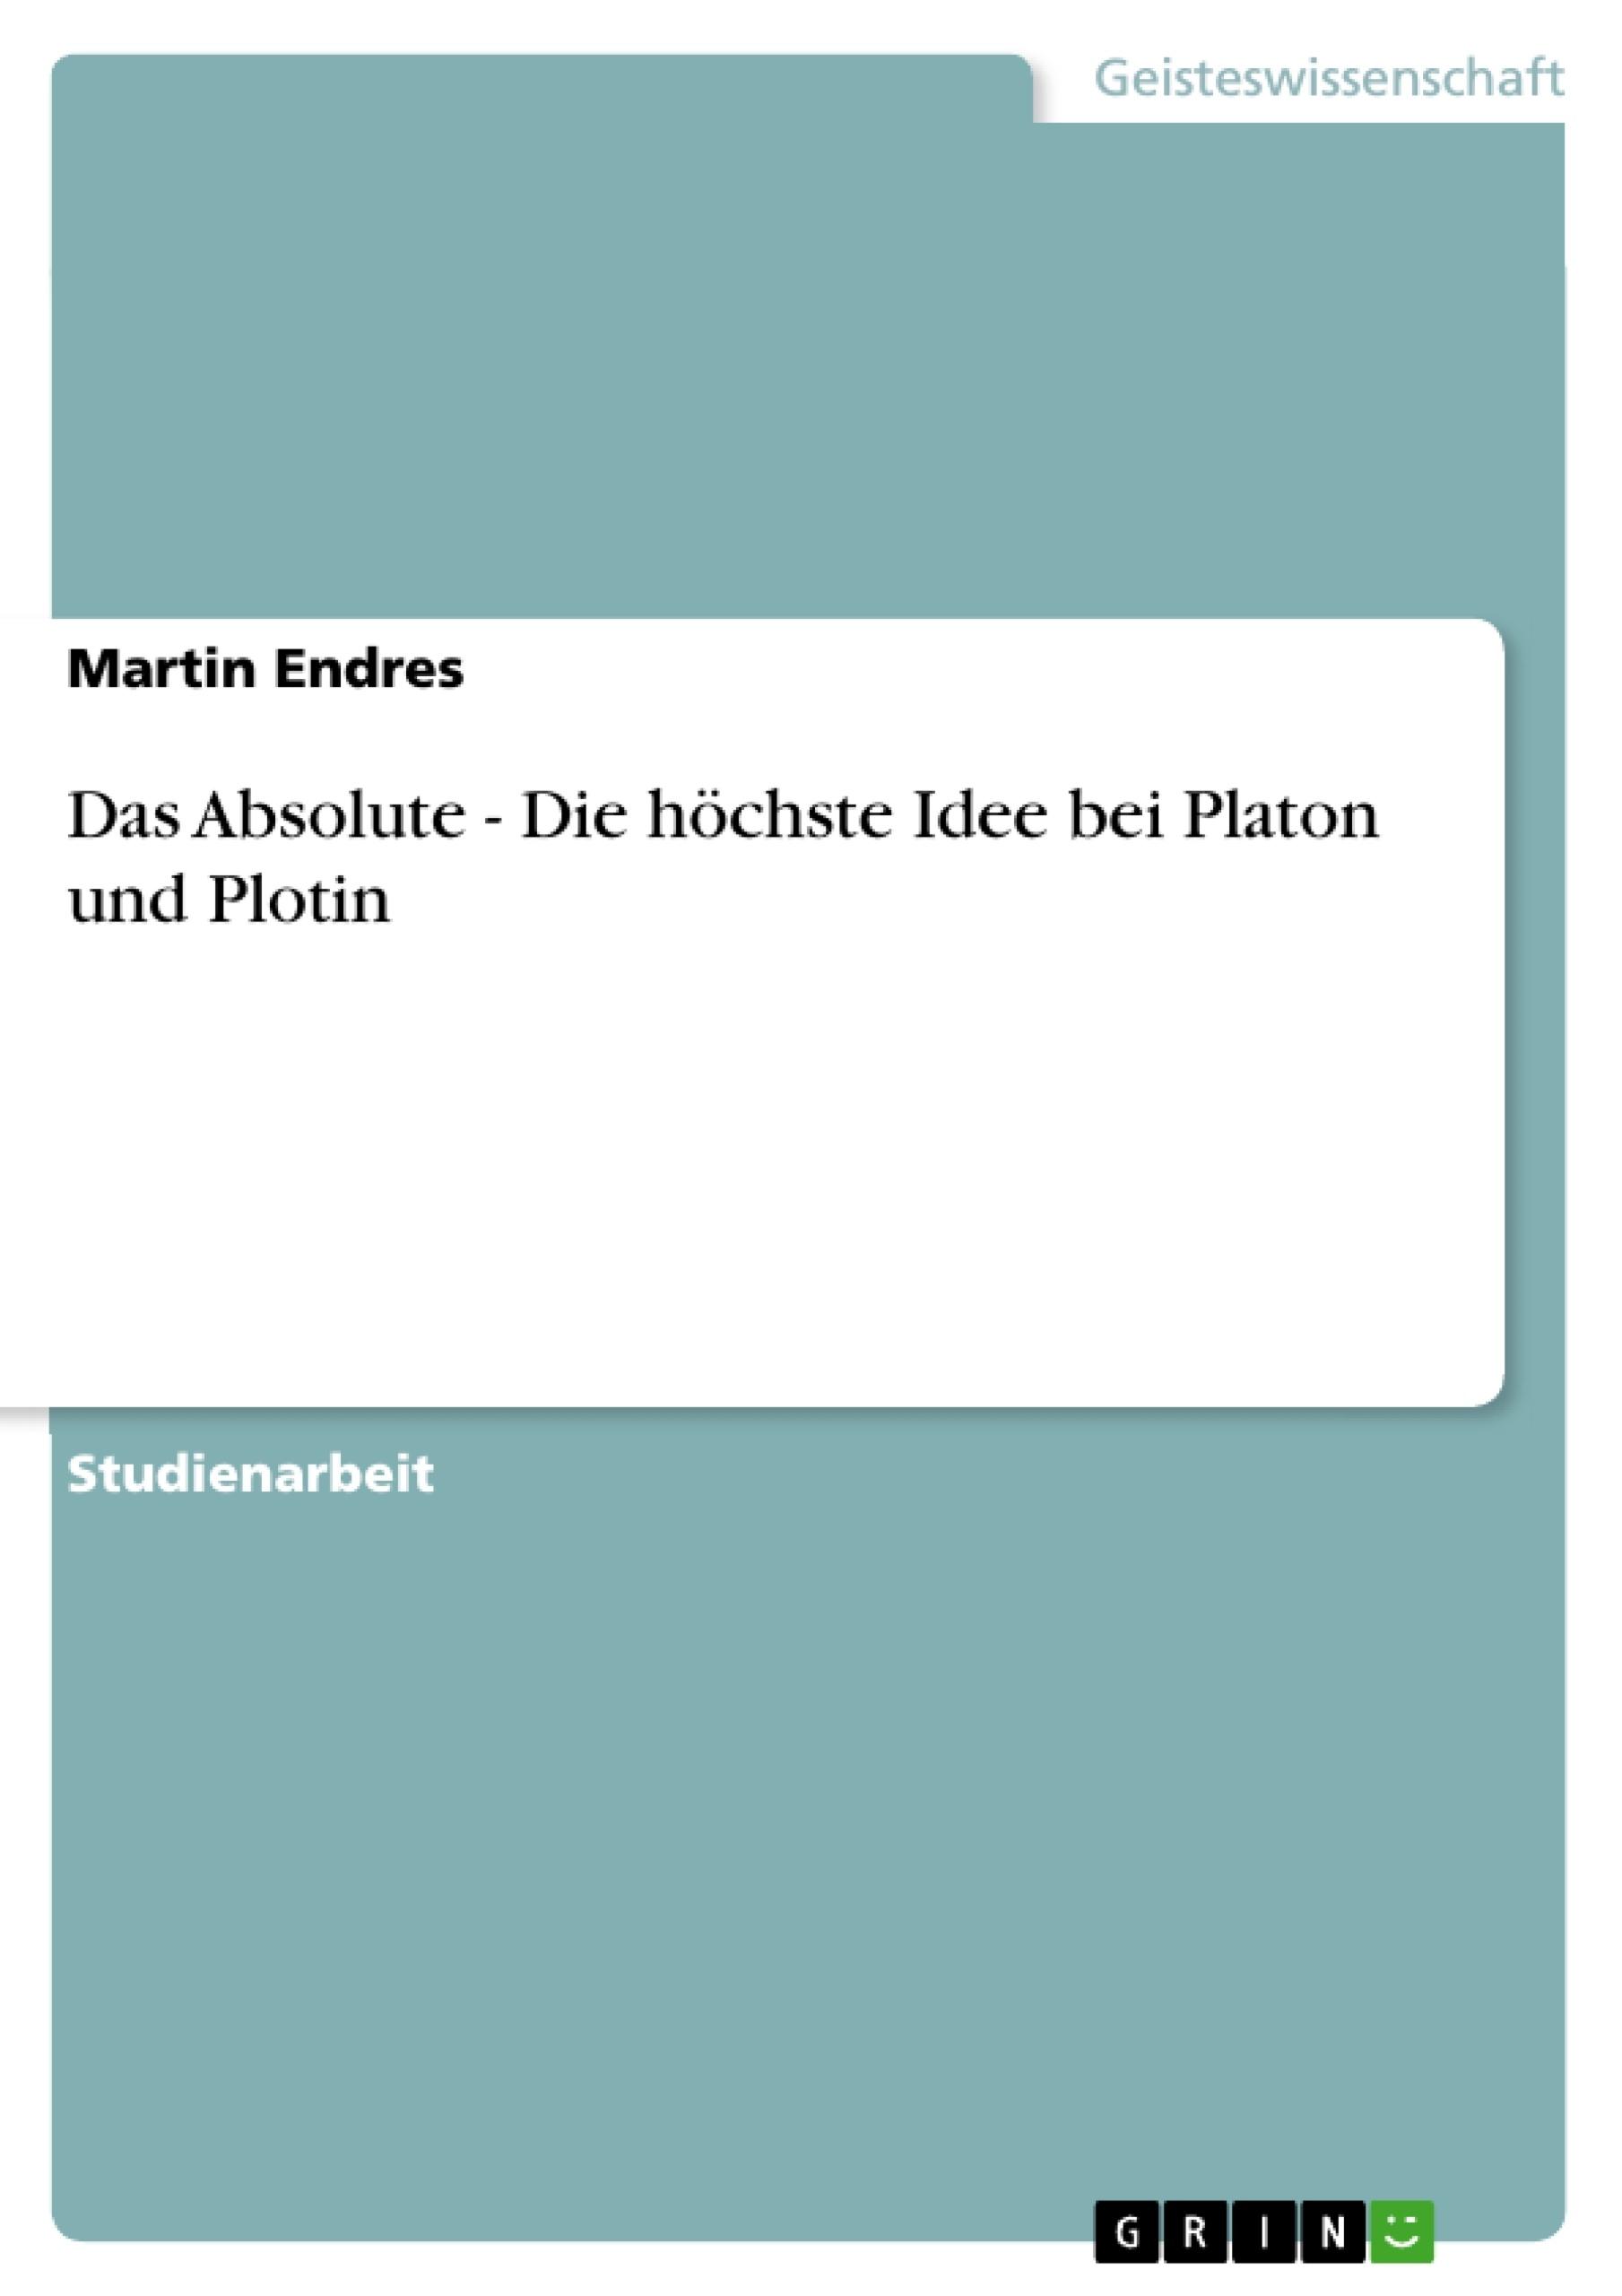 Titel: Das Absolute - Die höchste Idee bei Platon und Plotin